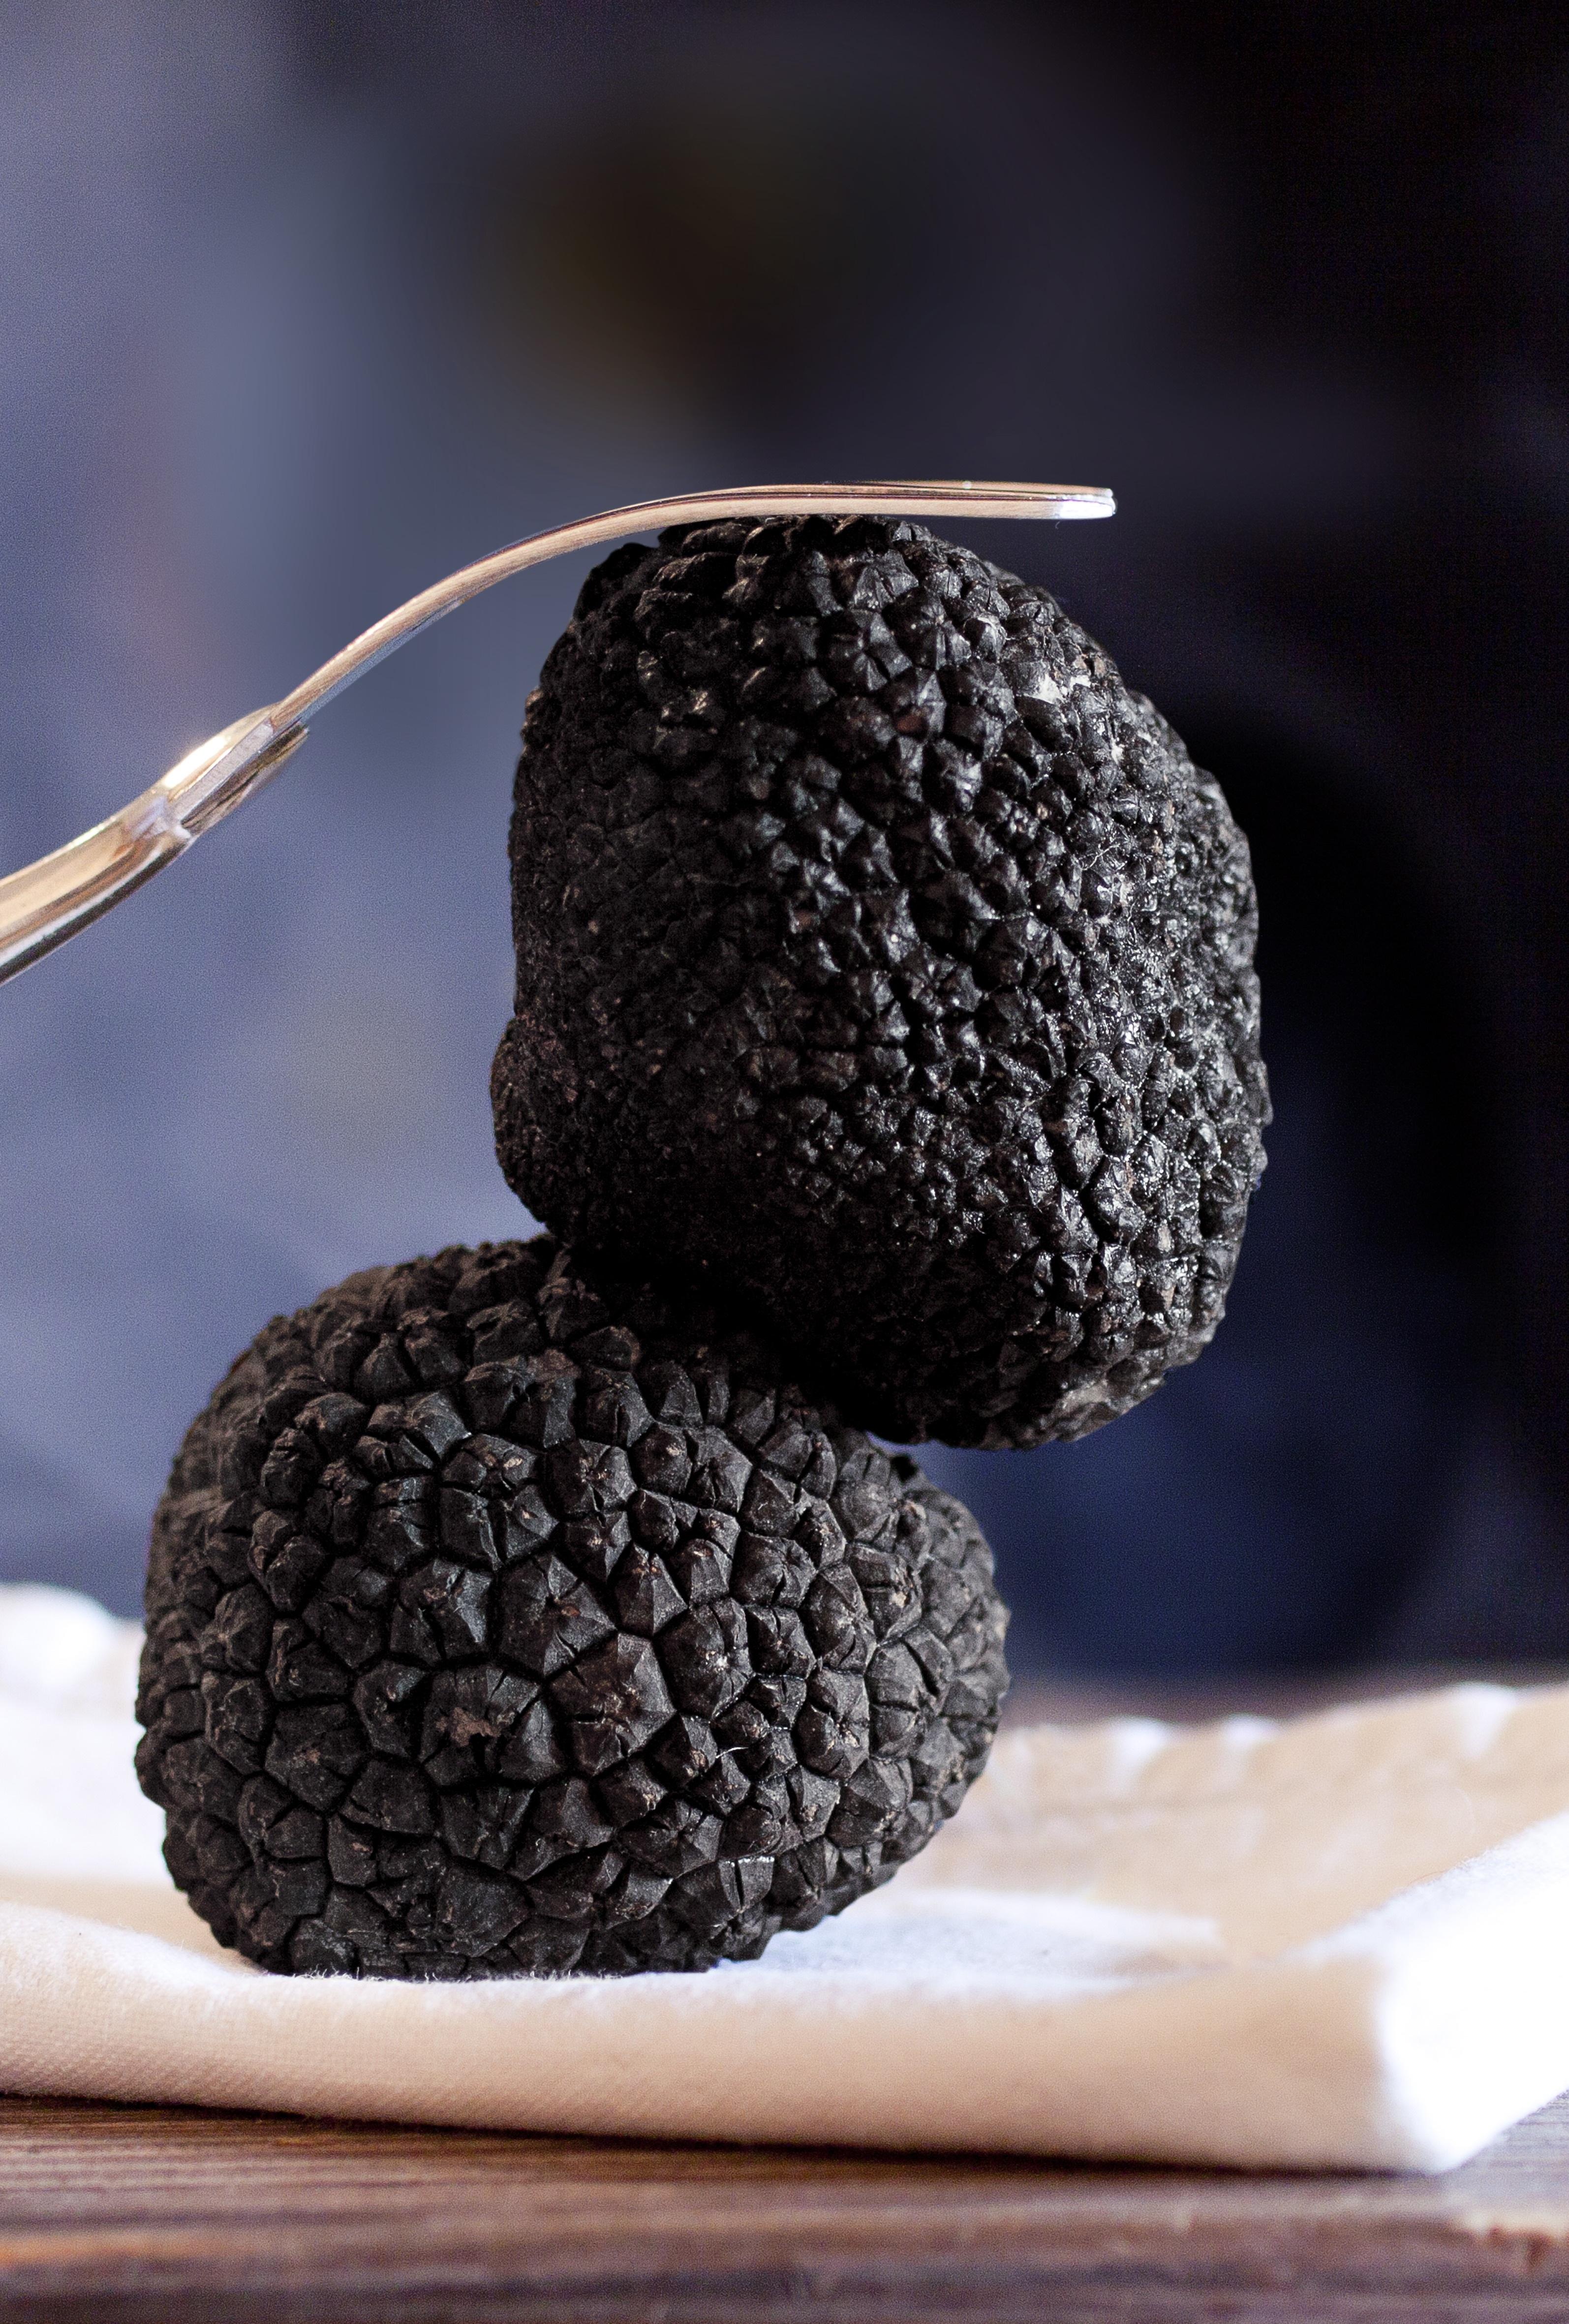 2 pcs of Whole Black Truffles